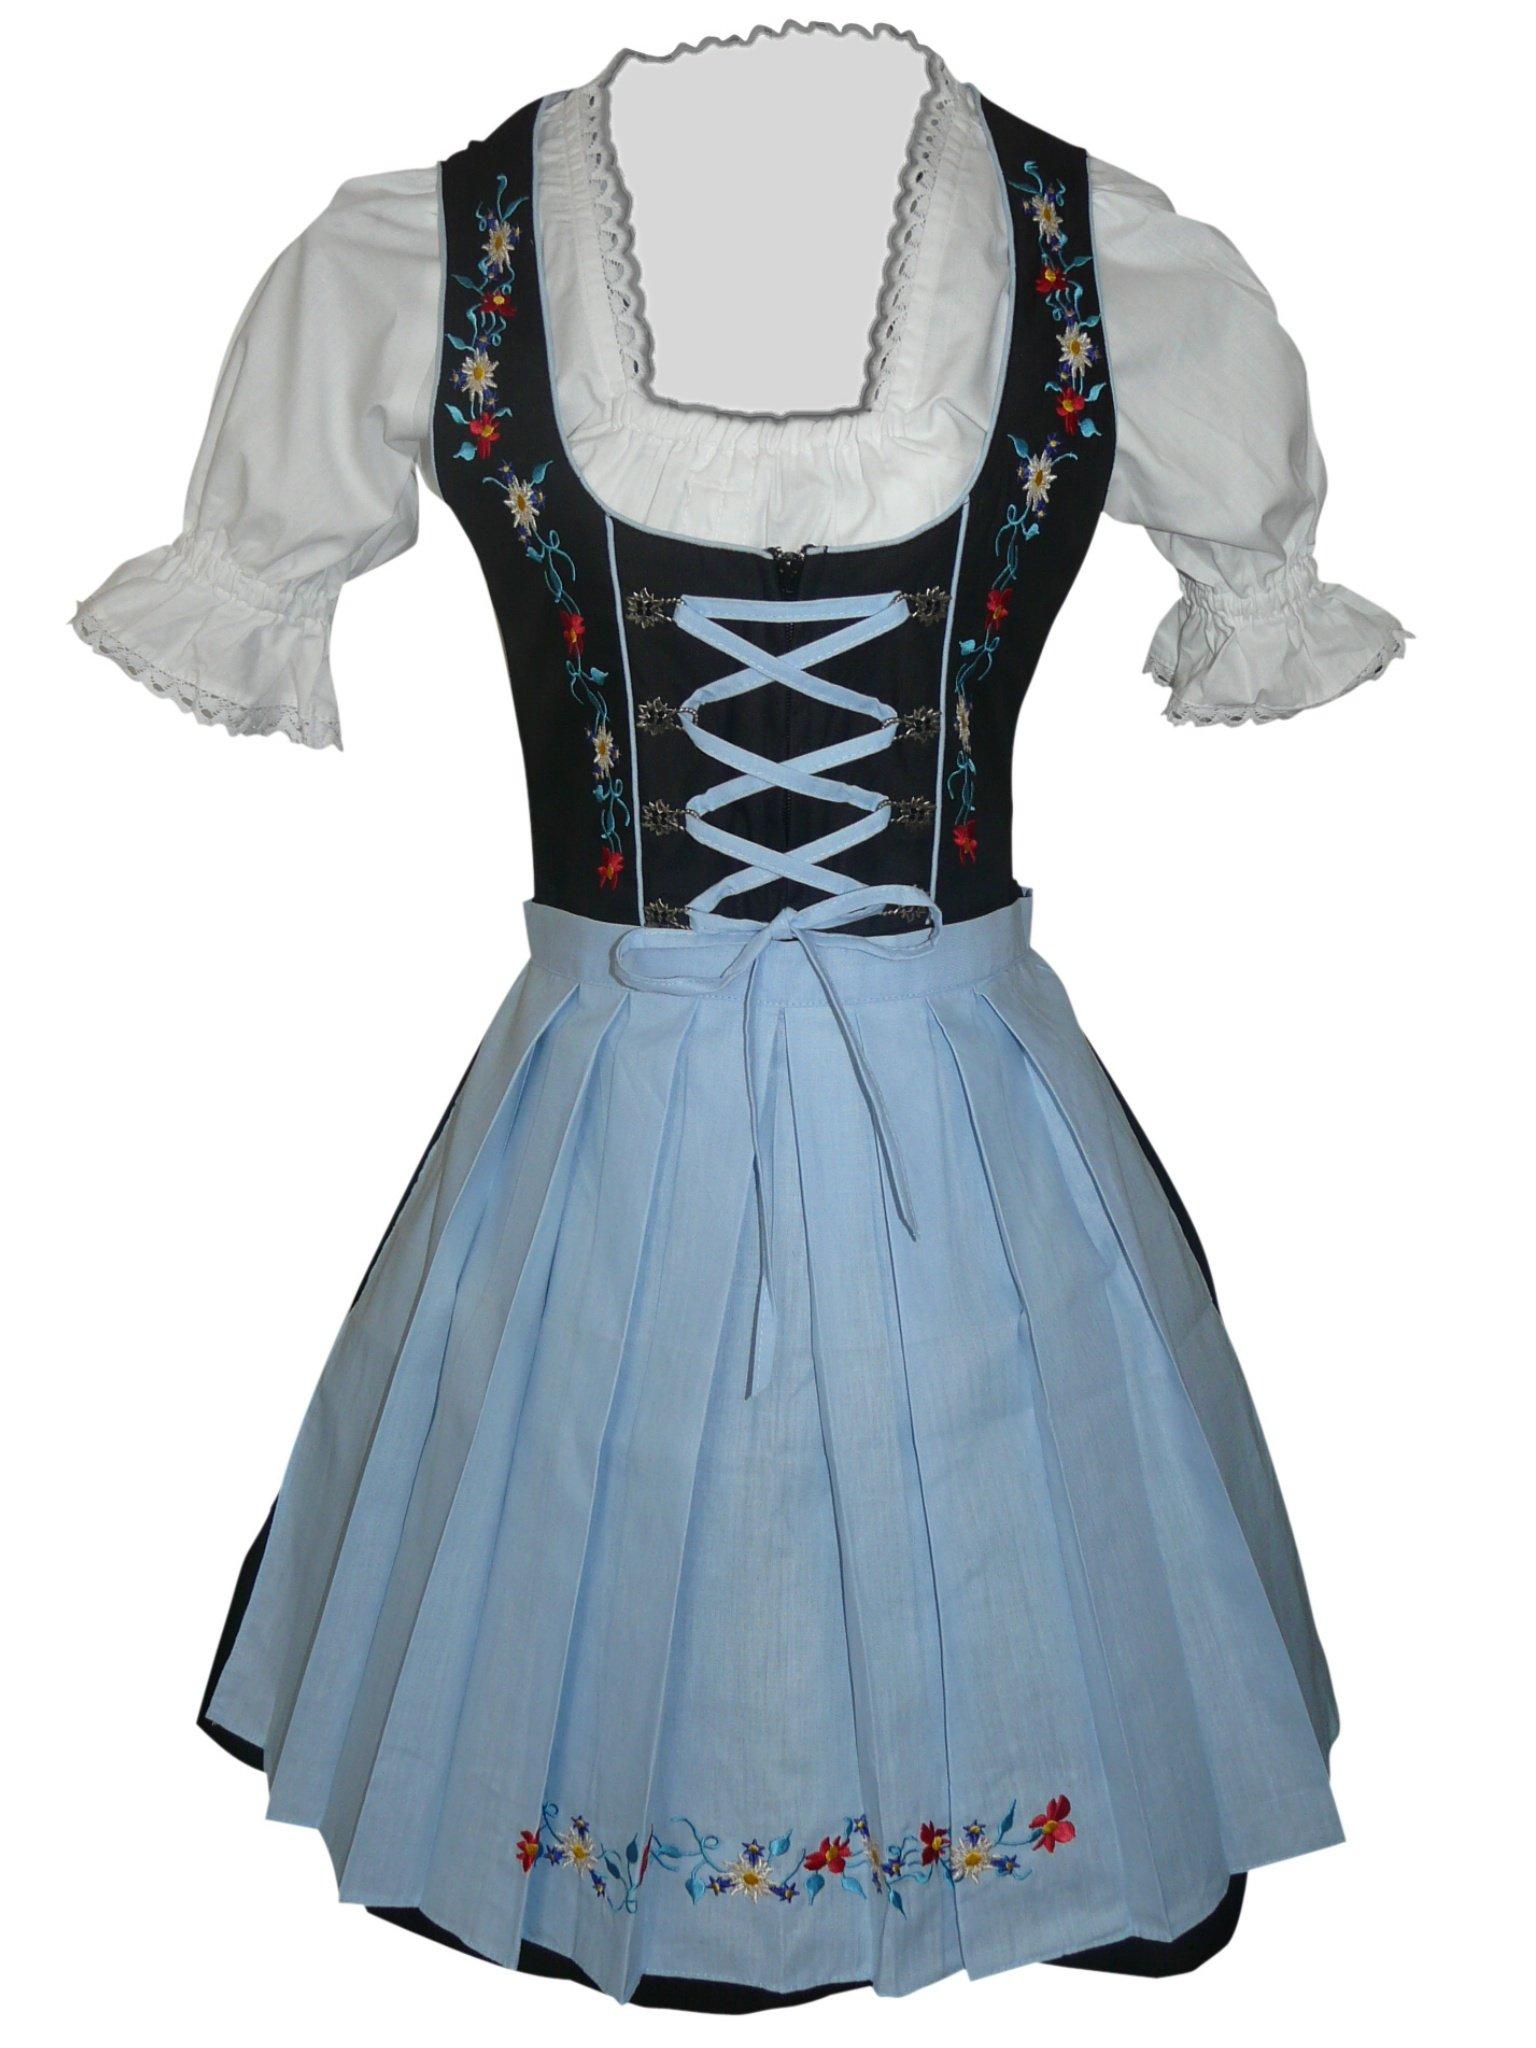 Dirndl World 3pcs. Bavarian Mini Dirndls Dress Oktoberfest, Size: 18, Di06bls